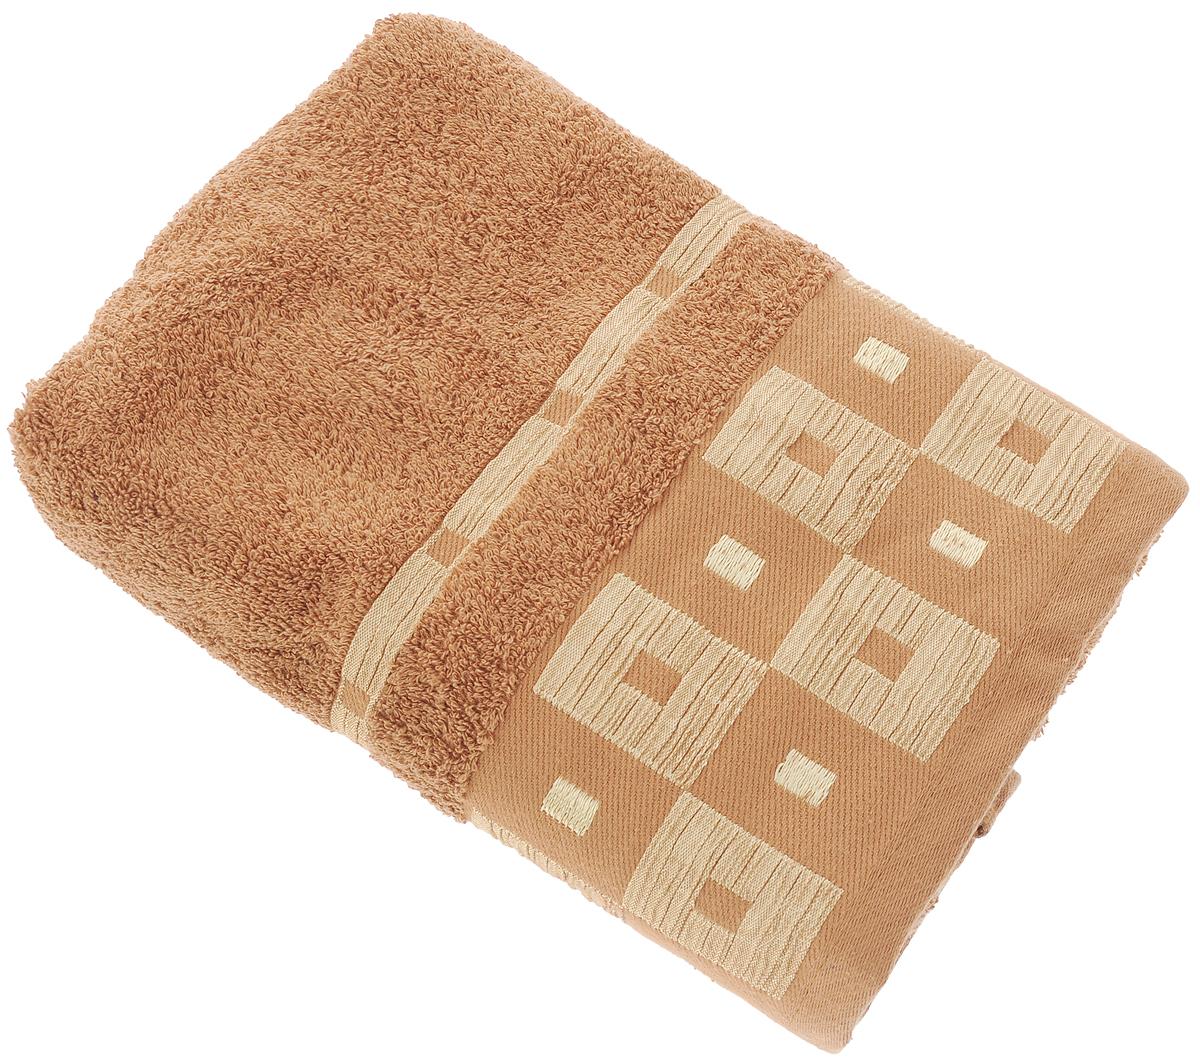 Полотенце Aisha Home Textile, цвет: коричневый, 70 х 140 см531-105Махровые полотенца AISHA Home Textile идеальное сочетание цены и качества. Полотенца упакованы в стильную подарочную коробку. В состав входит только натуральное волокно - хлопок. Лаконичные бордюры подойдут для любого интерьера ванной комнаты. Полотенца прекрасно впитывает влагу и быстро сохнут. При соблюдении рекомендаций по уходу не линяют и не теряют форму даже после многократных стирок.Состав: 100% хлопок.